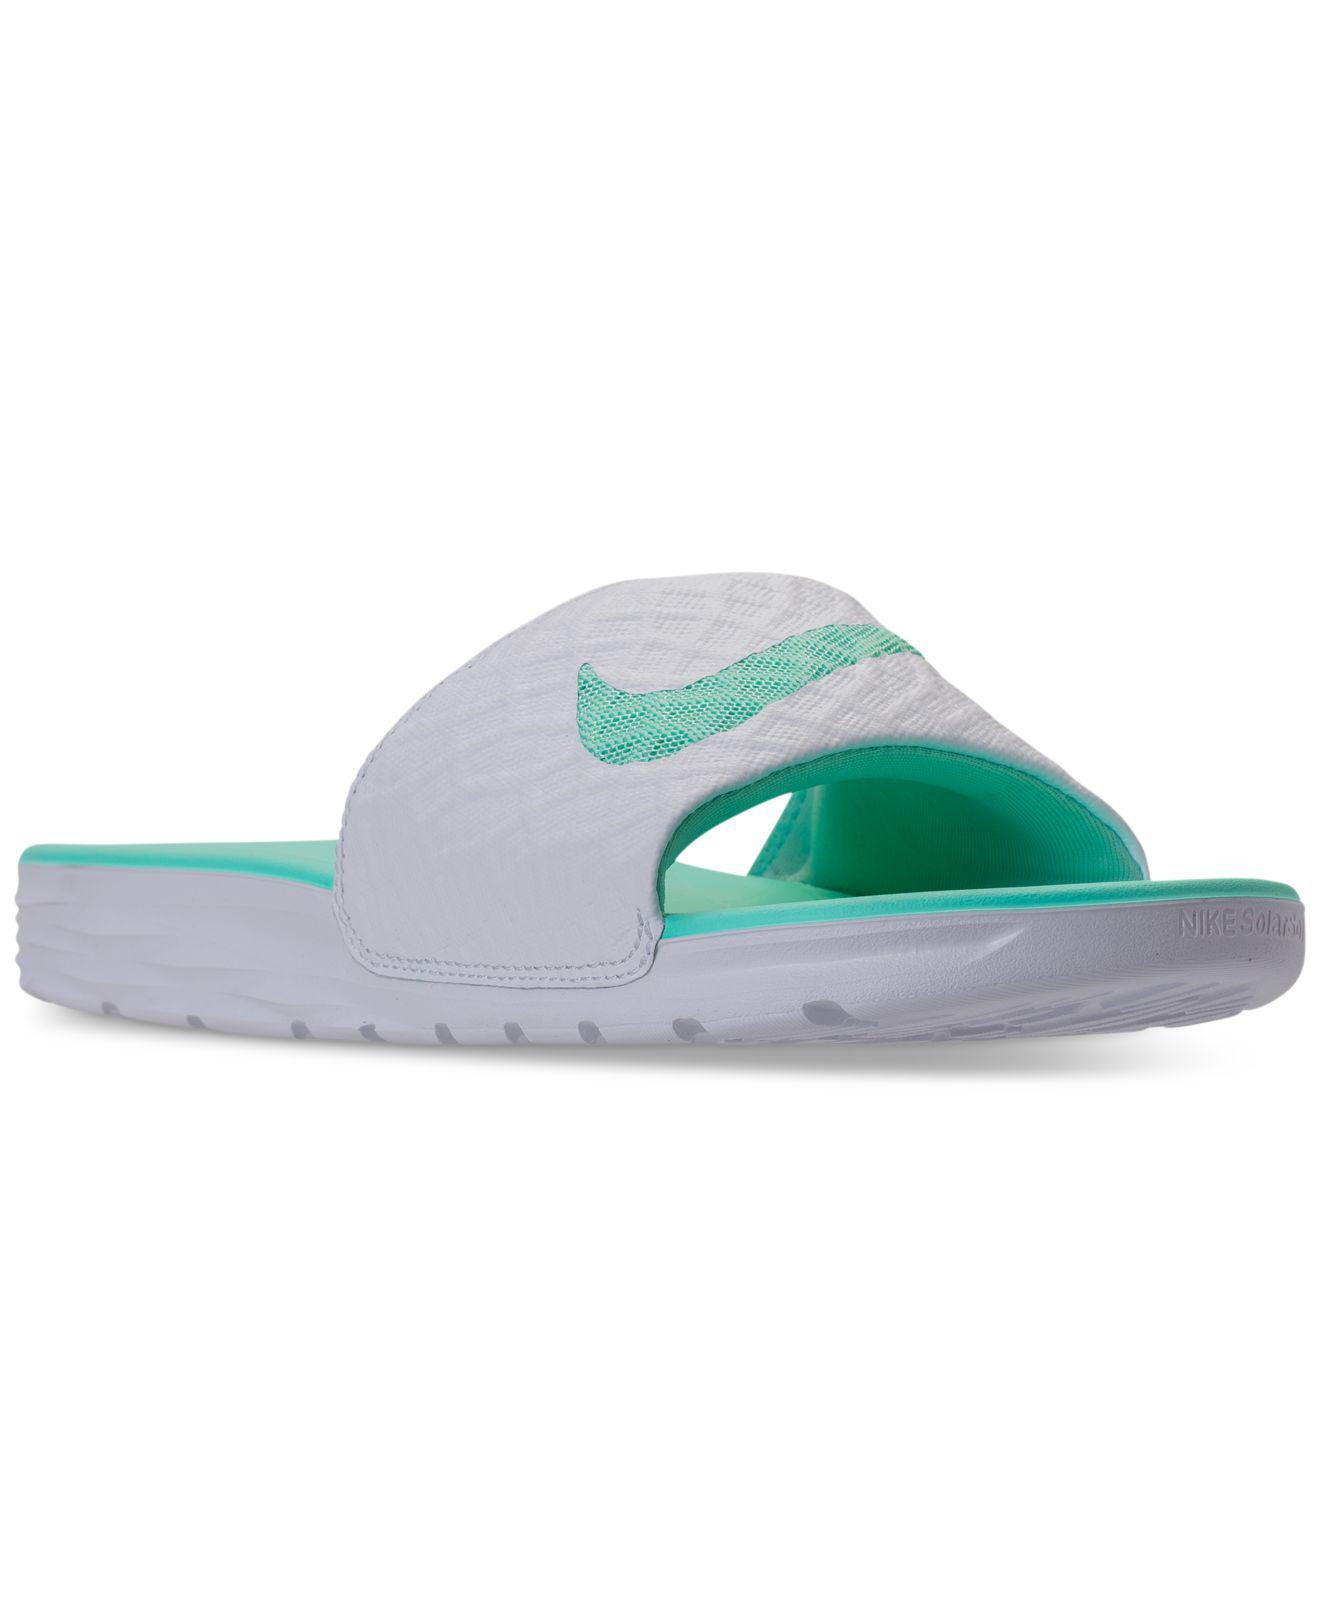 0915f23fc4d Lyst - Nike Women s Benassi Solarsoft 2 Slide Sandals From Finish Line